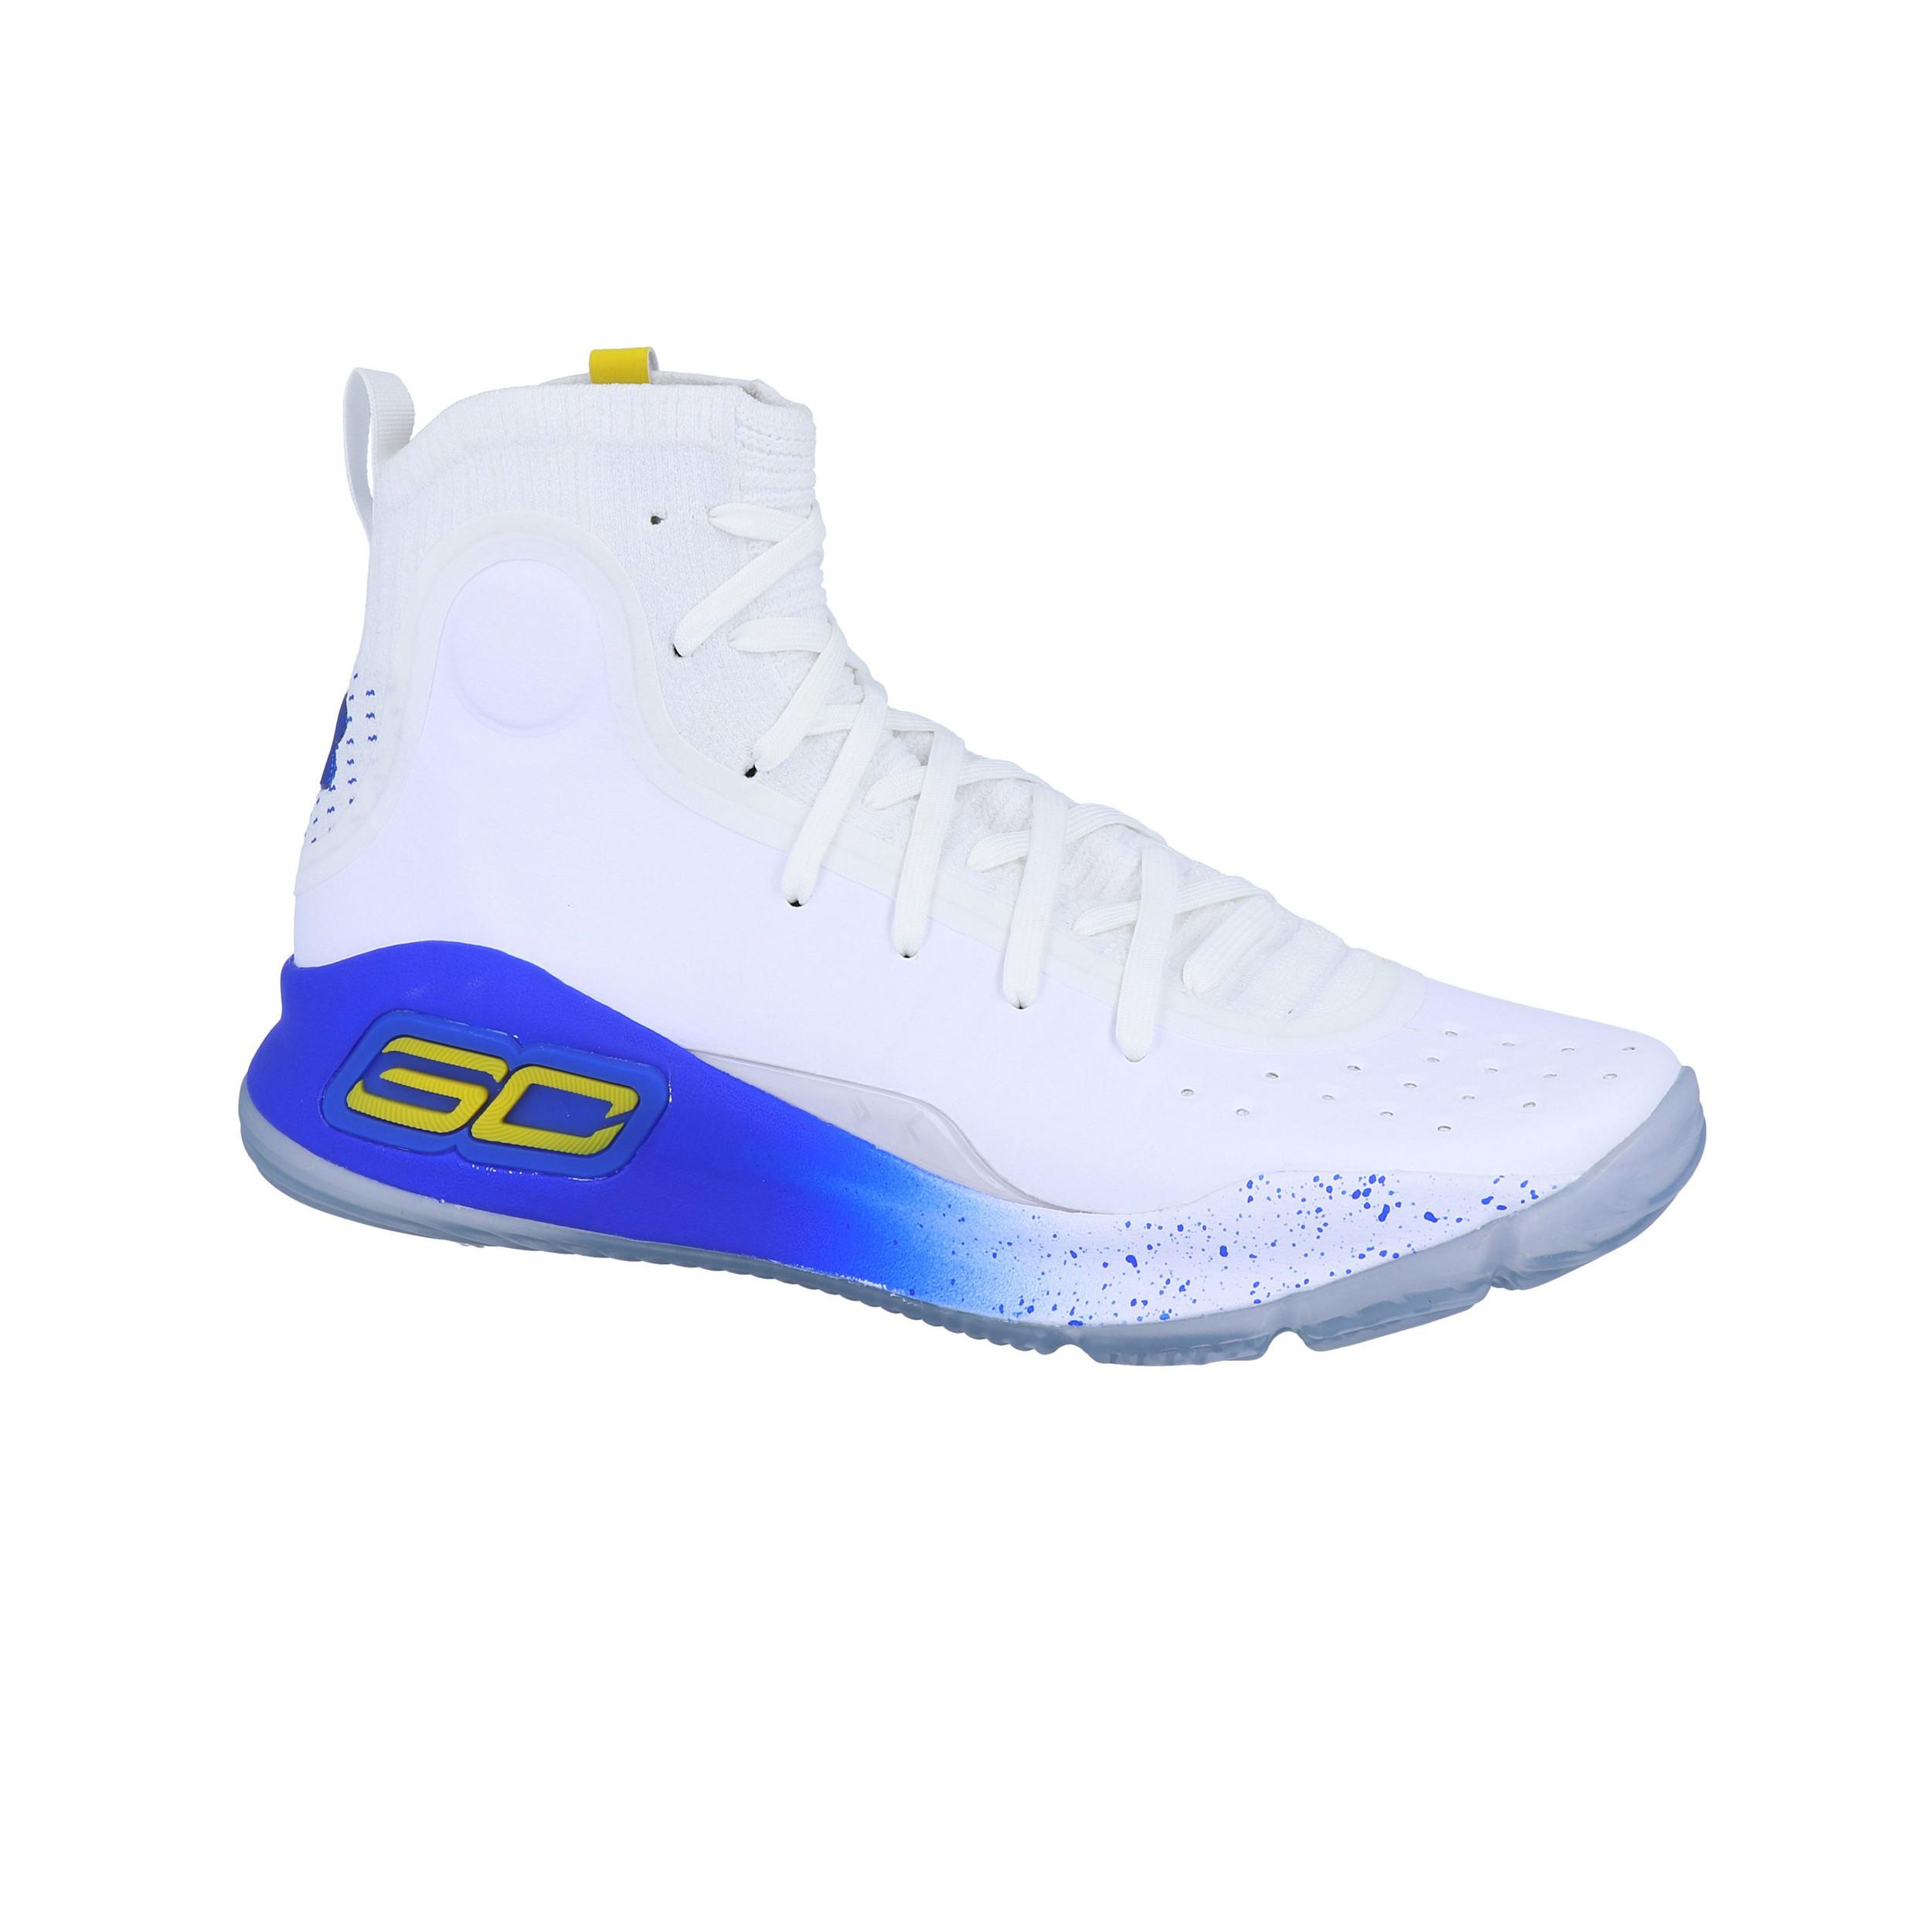 ff7fbee7acc6 Under Armour Herren Curry 4 Basketballschuhe Turnschuhe Basketball Sneaker  Weiß